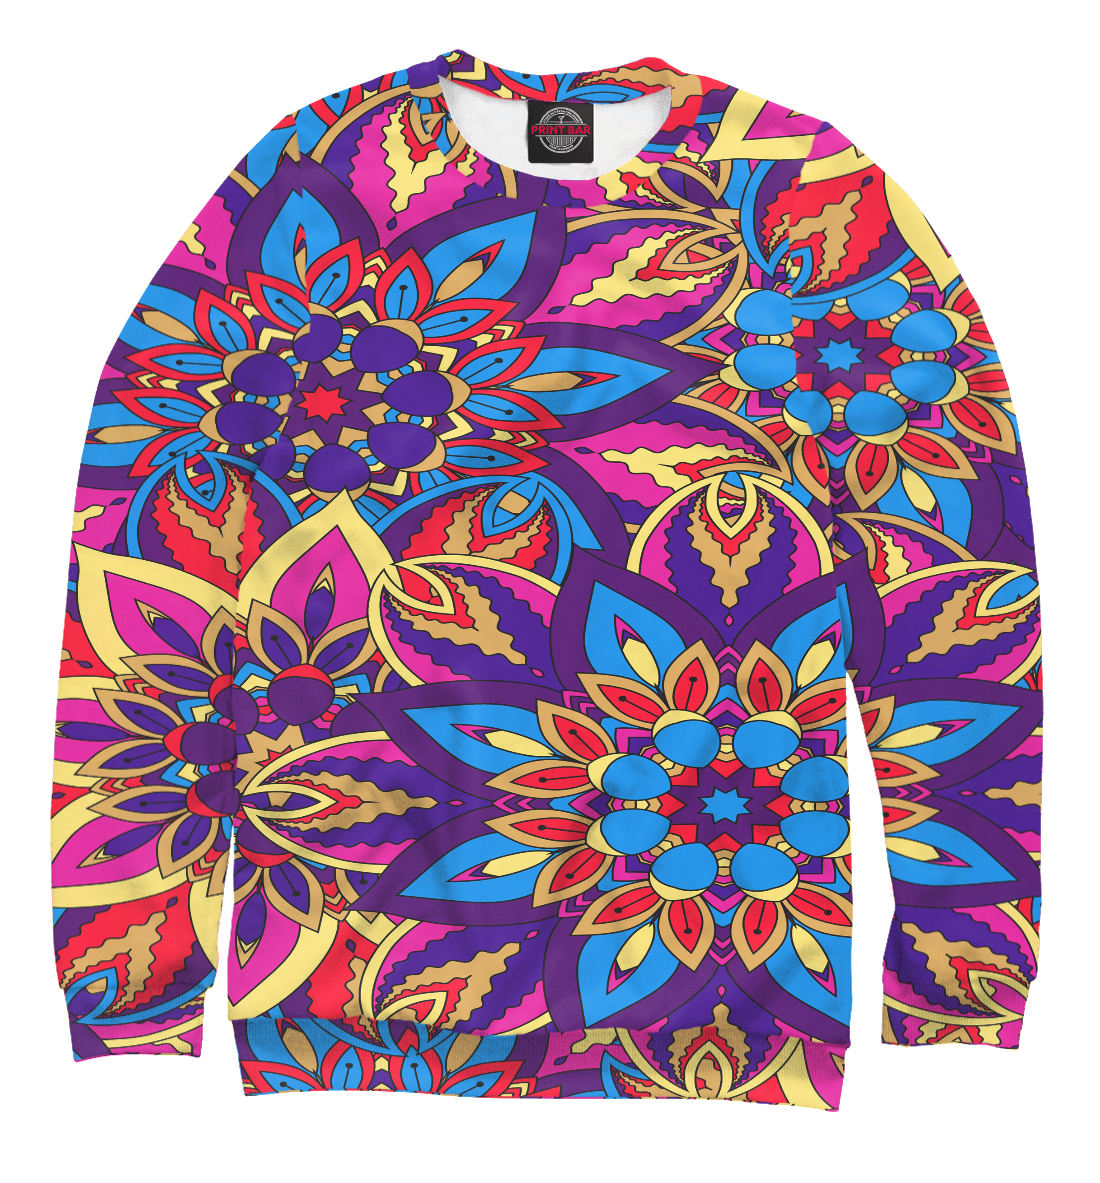 Купить Mandala pattern, Printbar, Свитшоты, APD-397315-swi-2